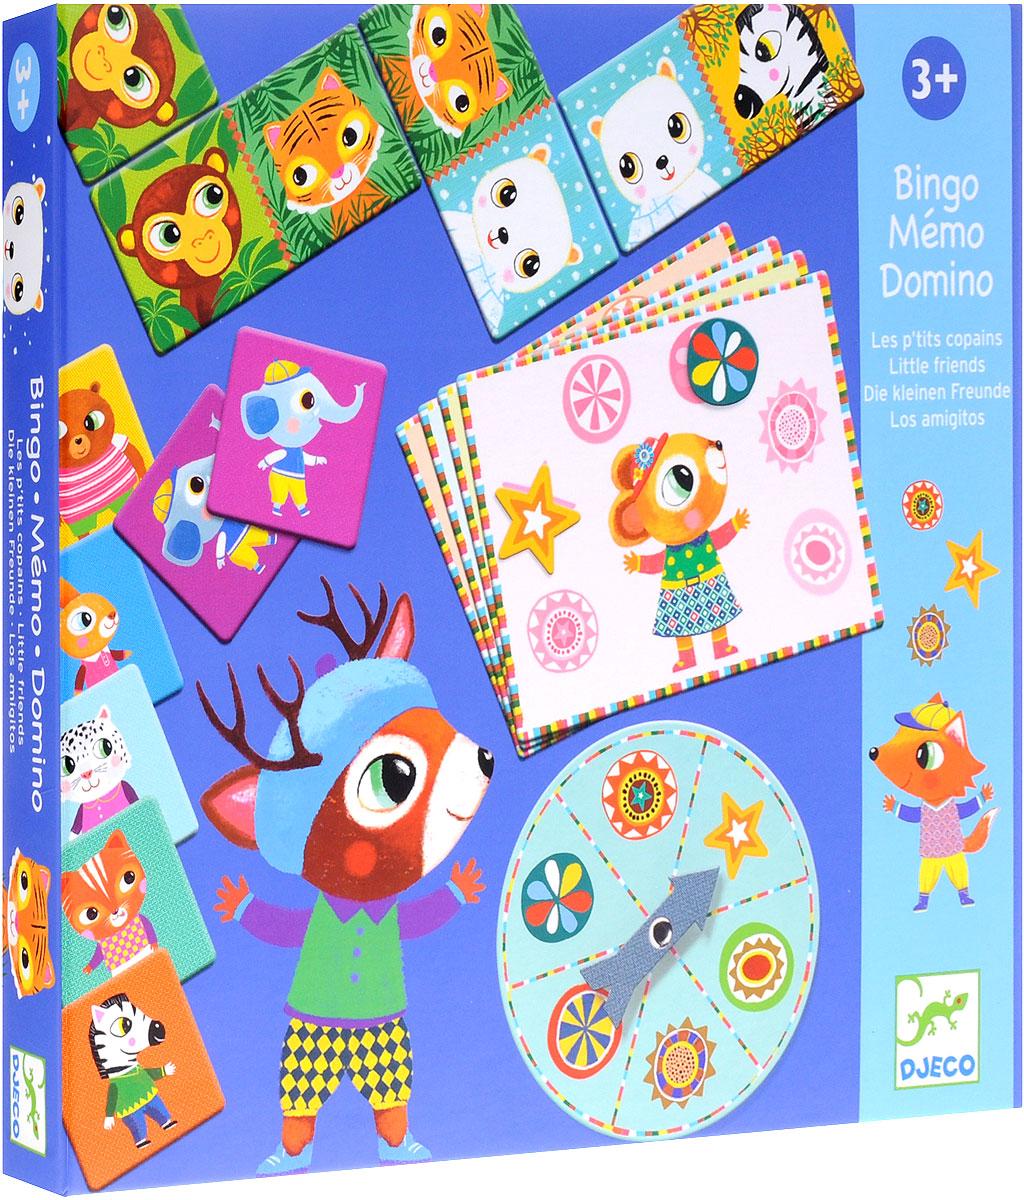 Djeco Обучающая игра Бинго Мемо Домино 3 в 1 подарочный набор 3 в 1 лото домино мемо союзмультфильм